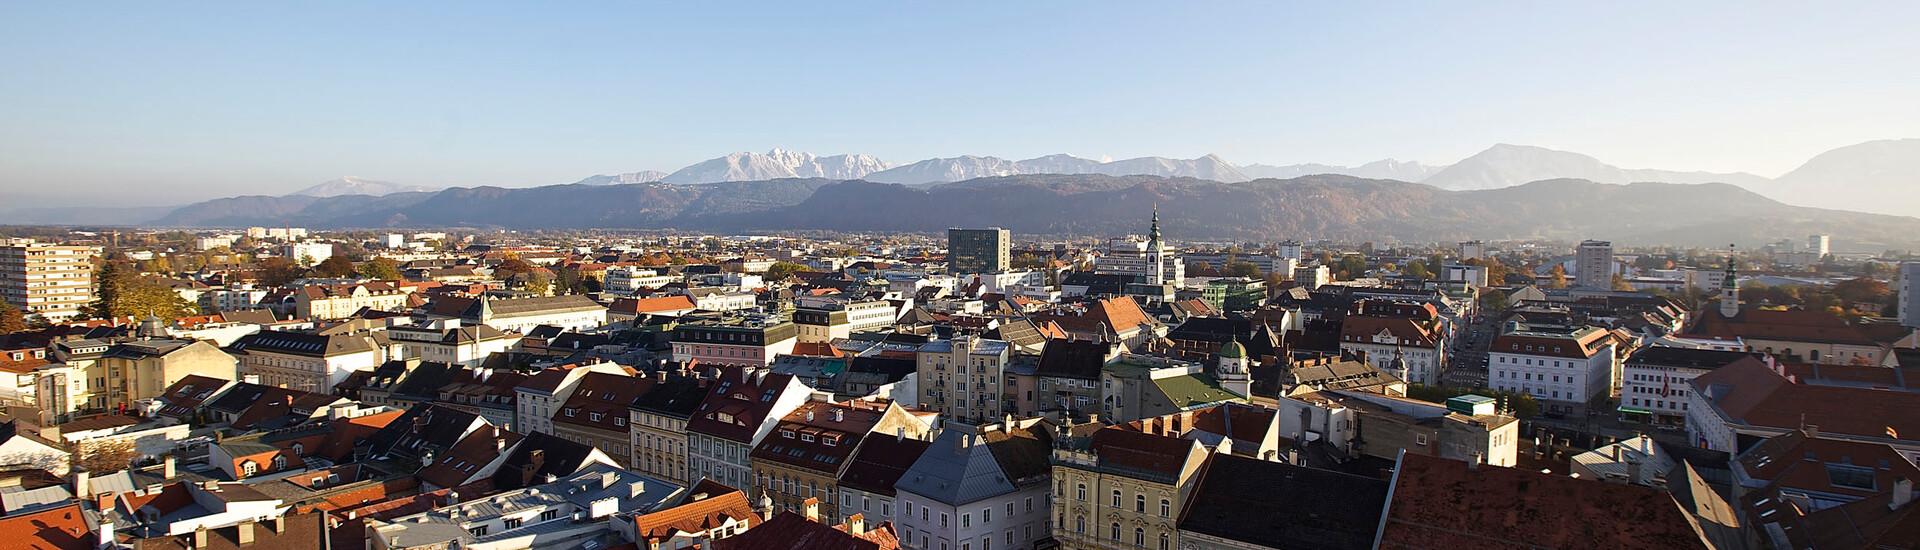 Die Stadt Klagenfurt als Ausflugsziel in Villach Umgebung